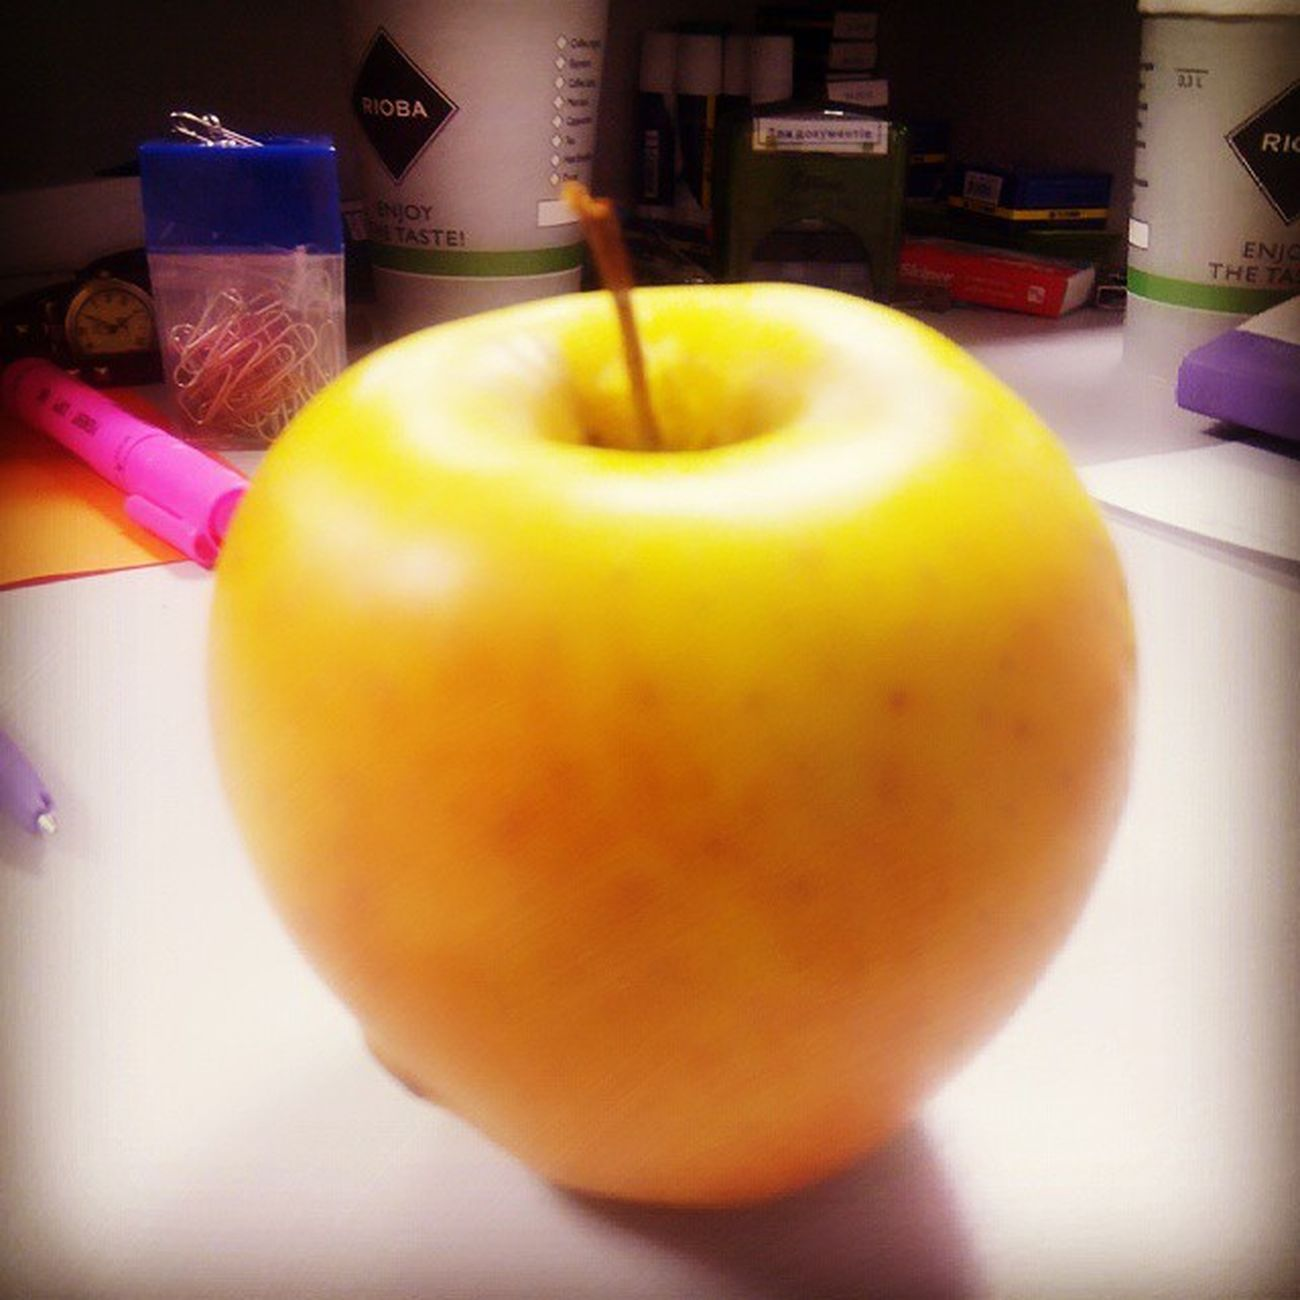 укрсиббанк яблочкомугостил Вкусняха ммм